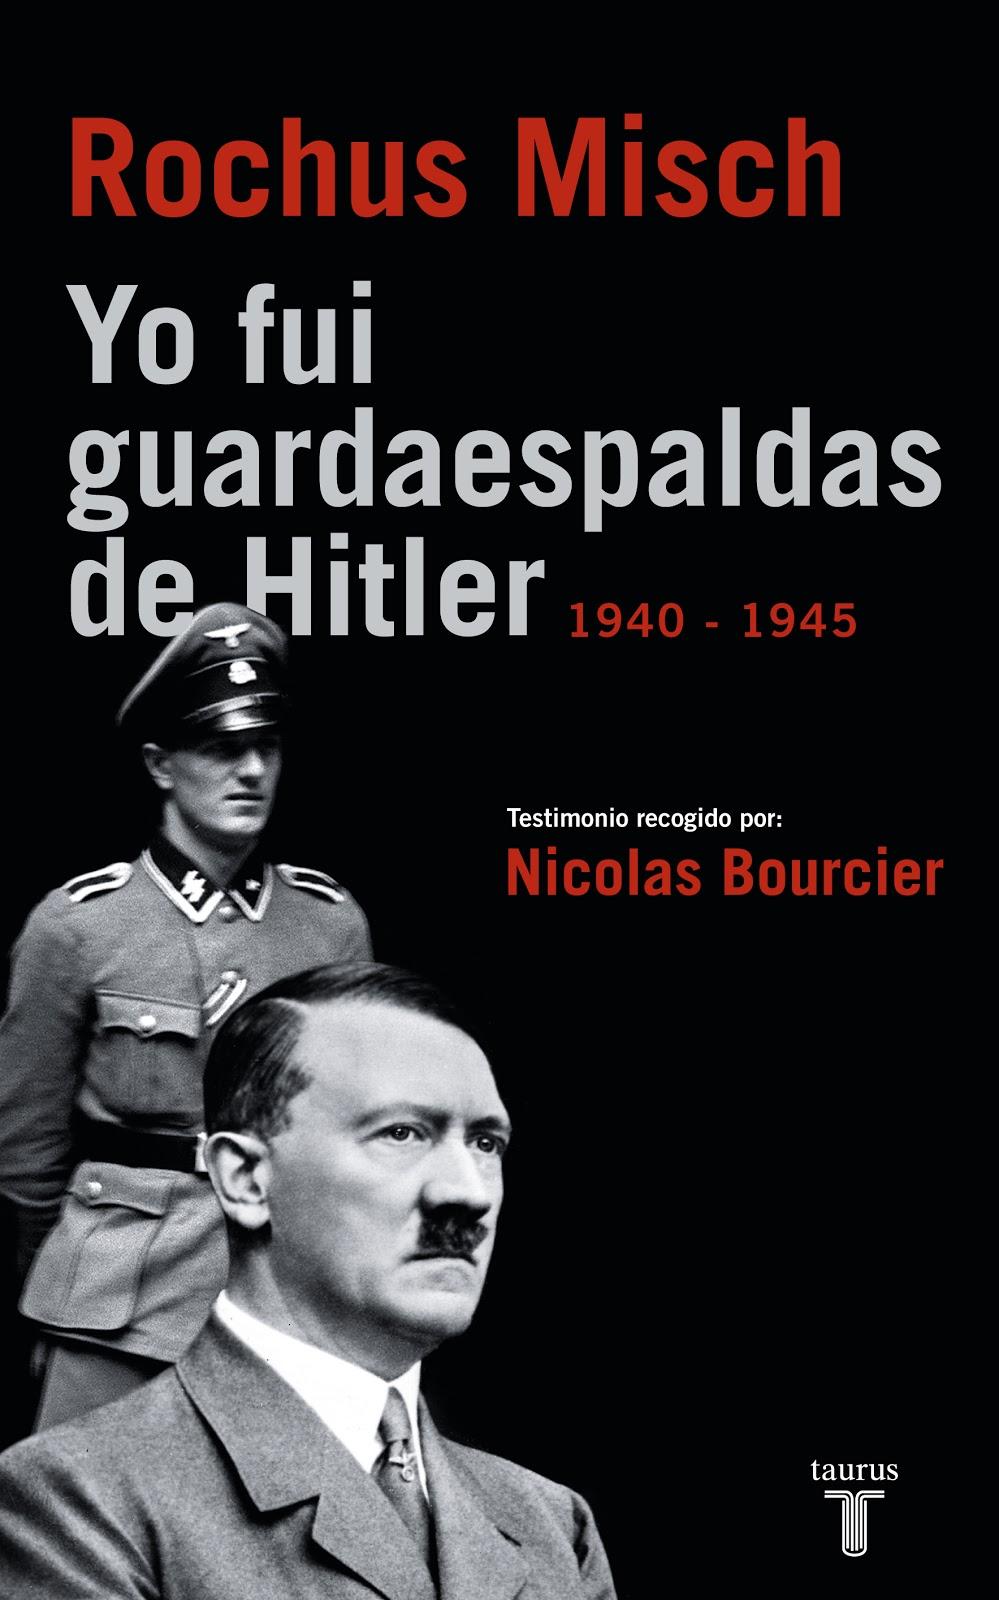 Las Películas de Adolf Hitler